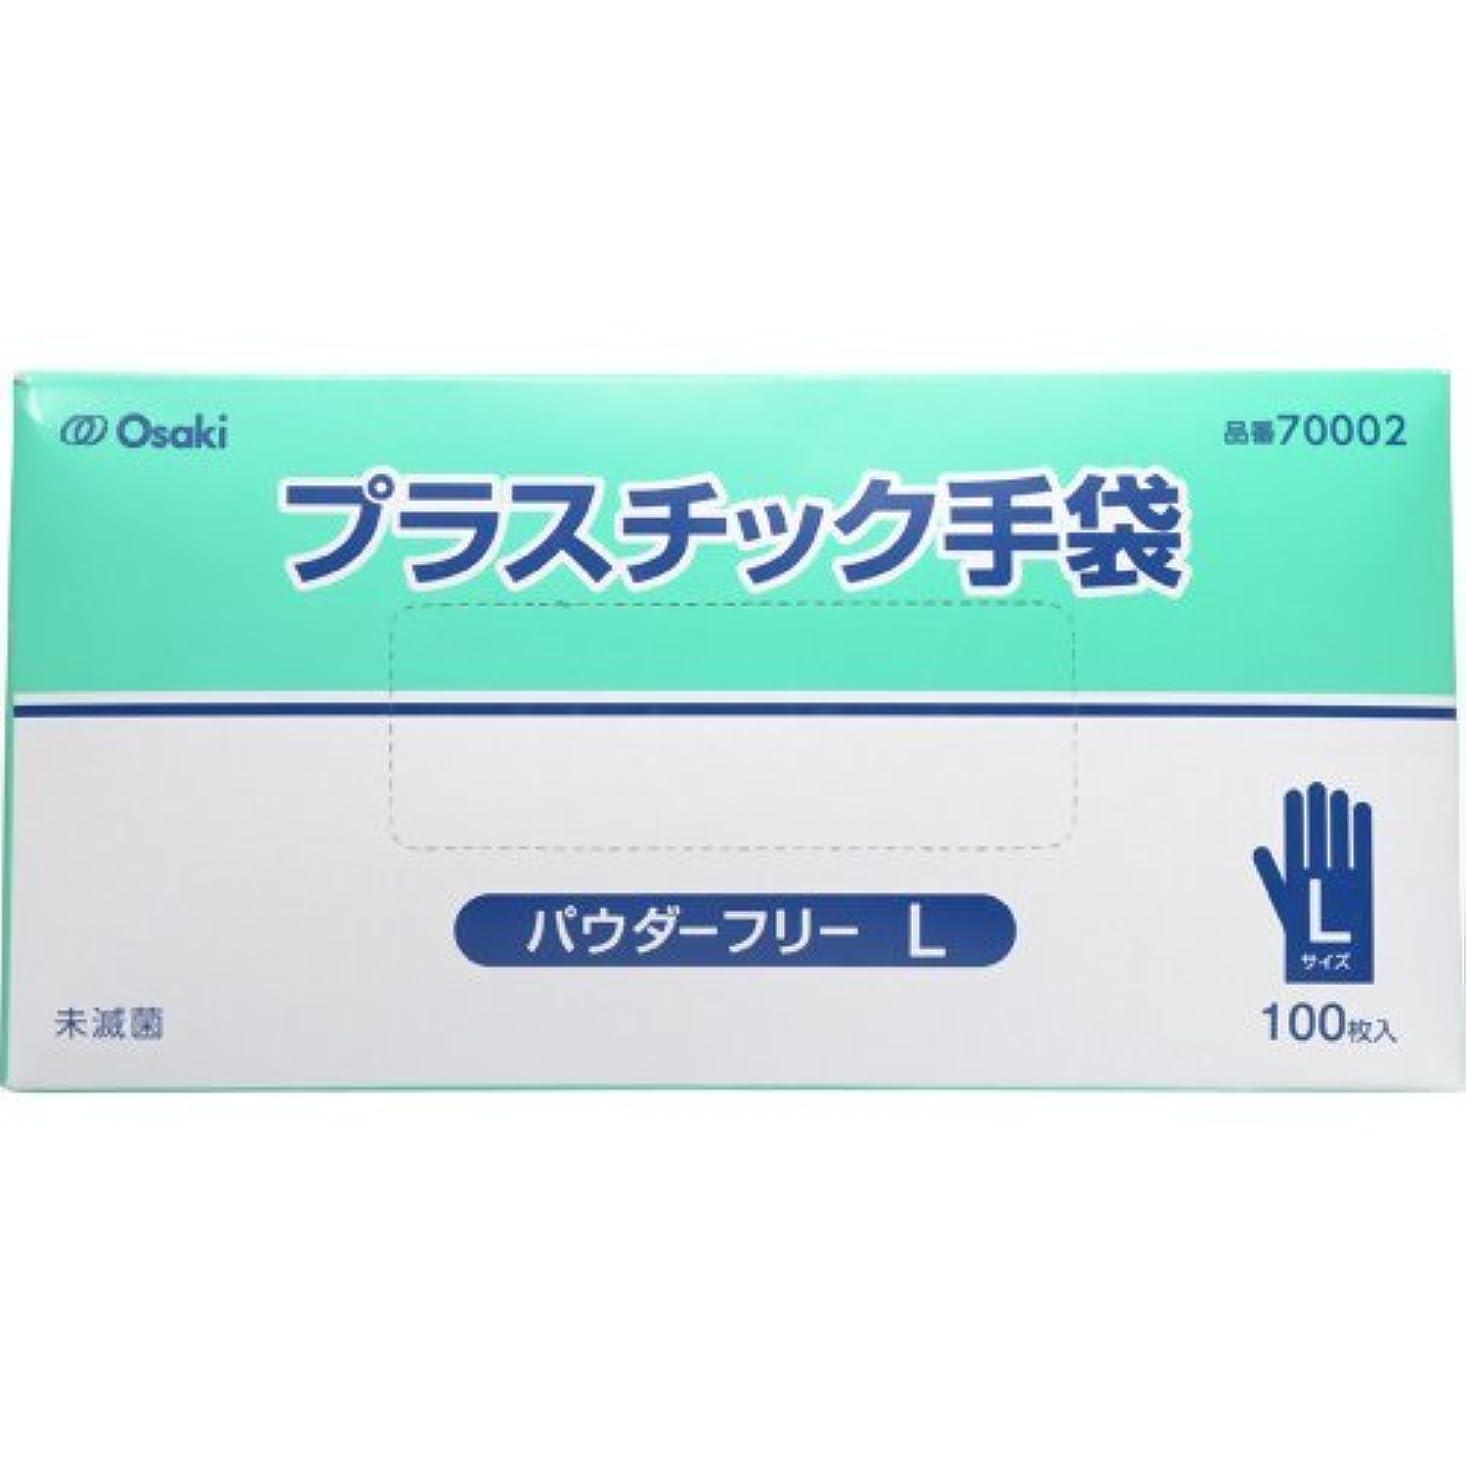 カエルアーカイブ倒産オオサキメディカル プラスチック手袋 PF Lサイズ 100枚入